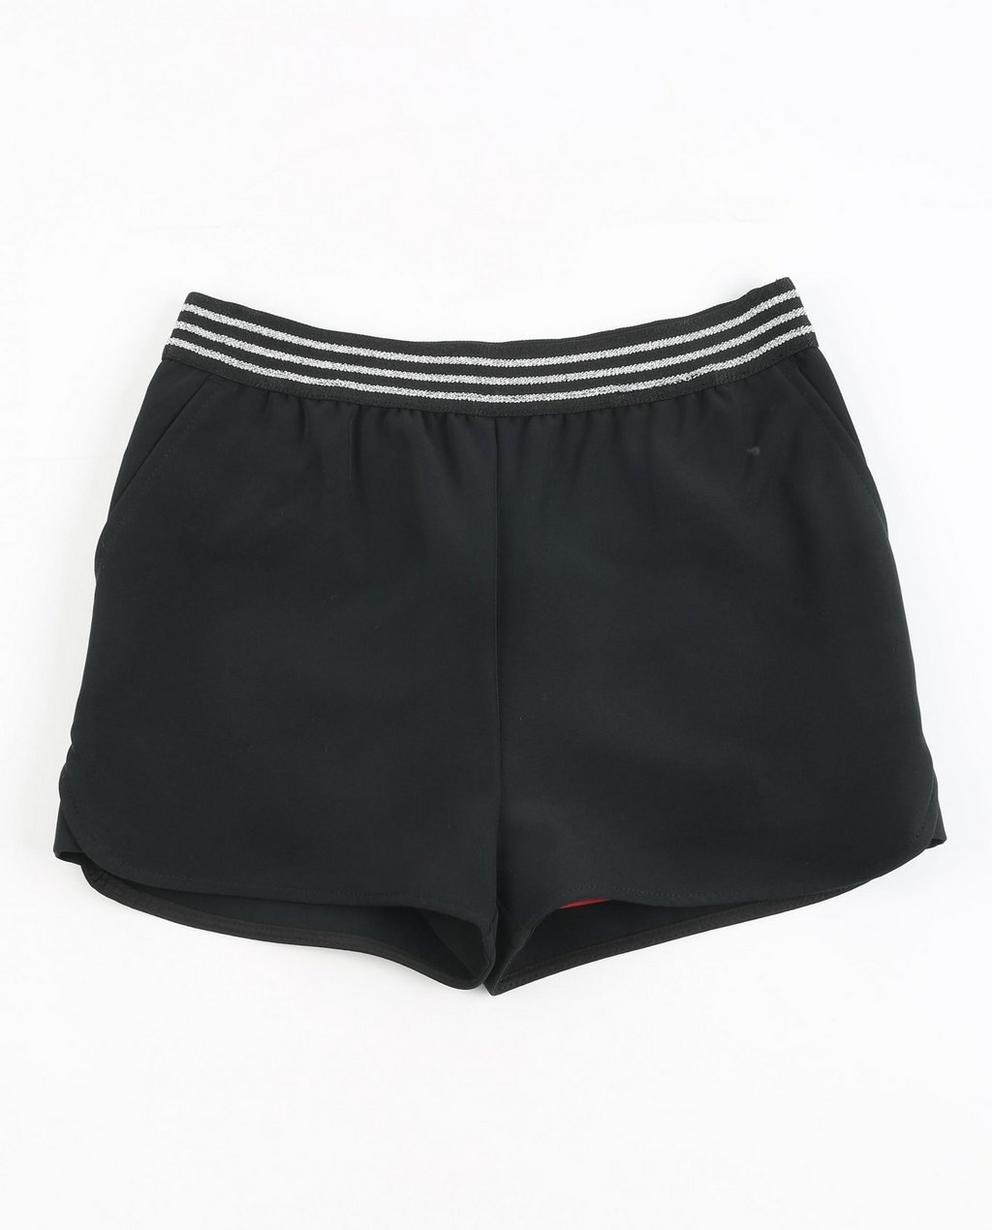 Shorts mit Glitzer - in Schwarz, Katja Retsin - JBC